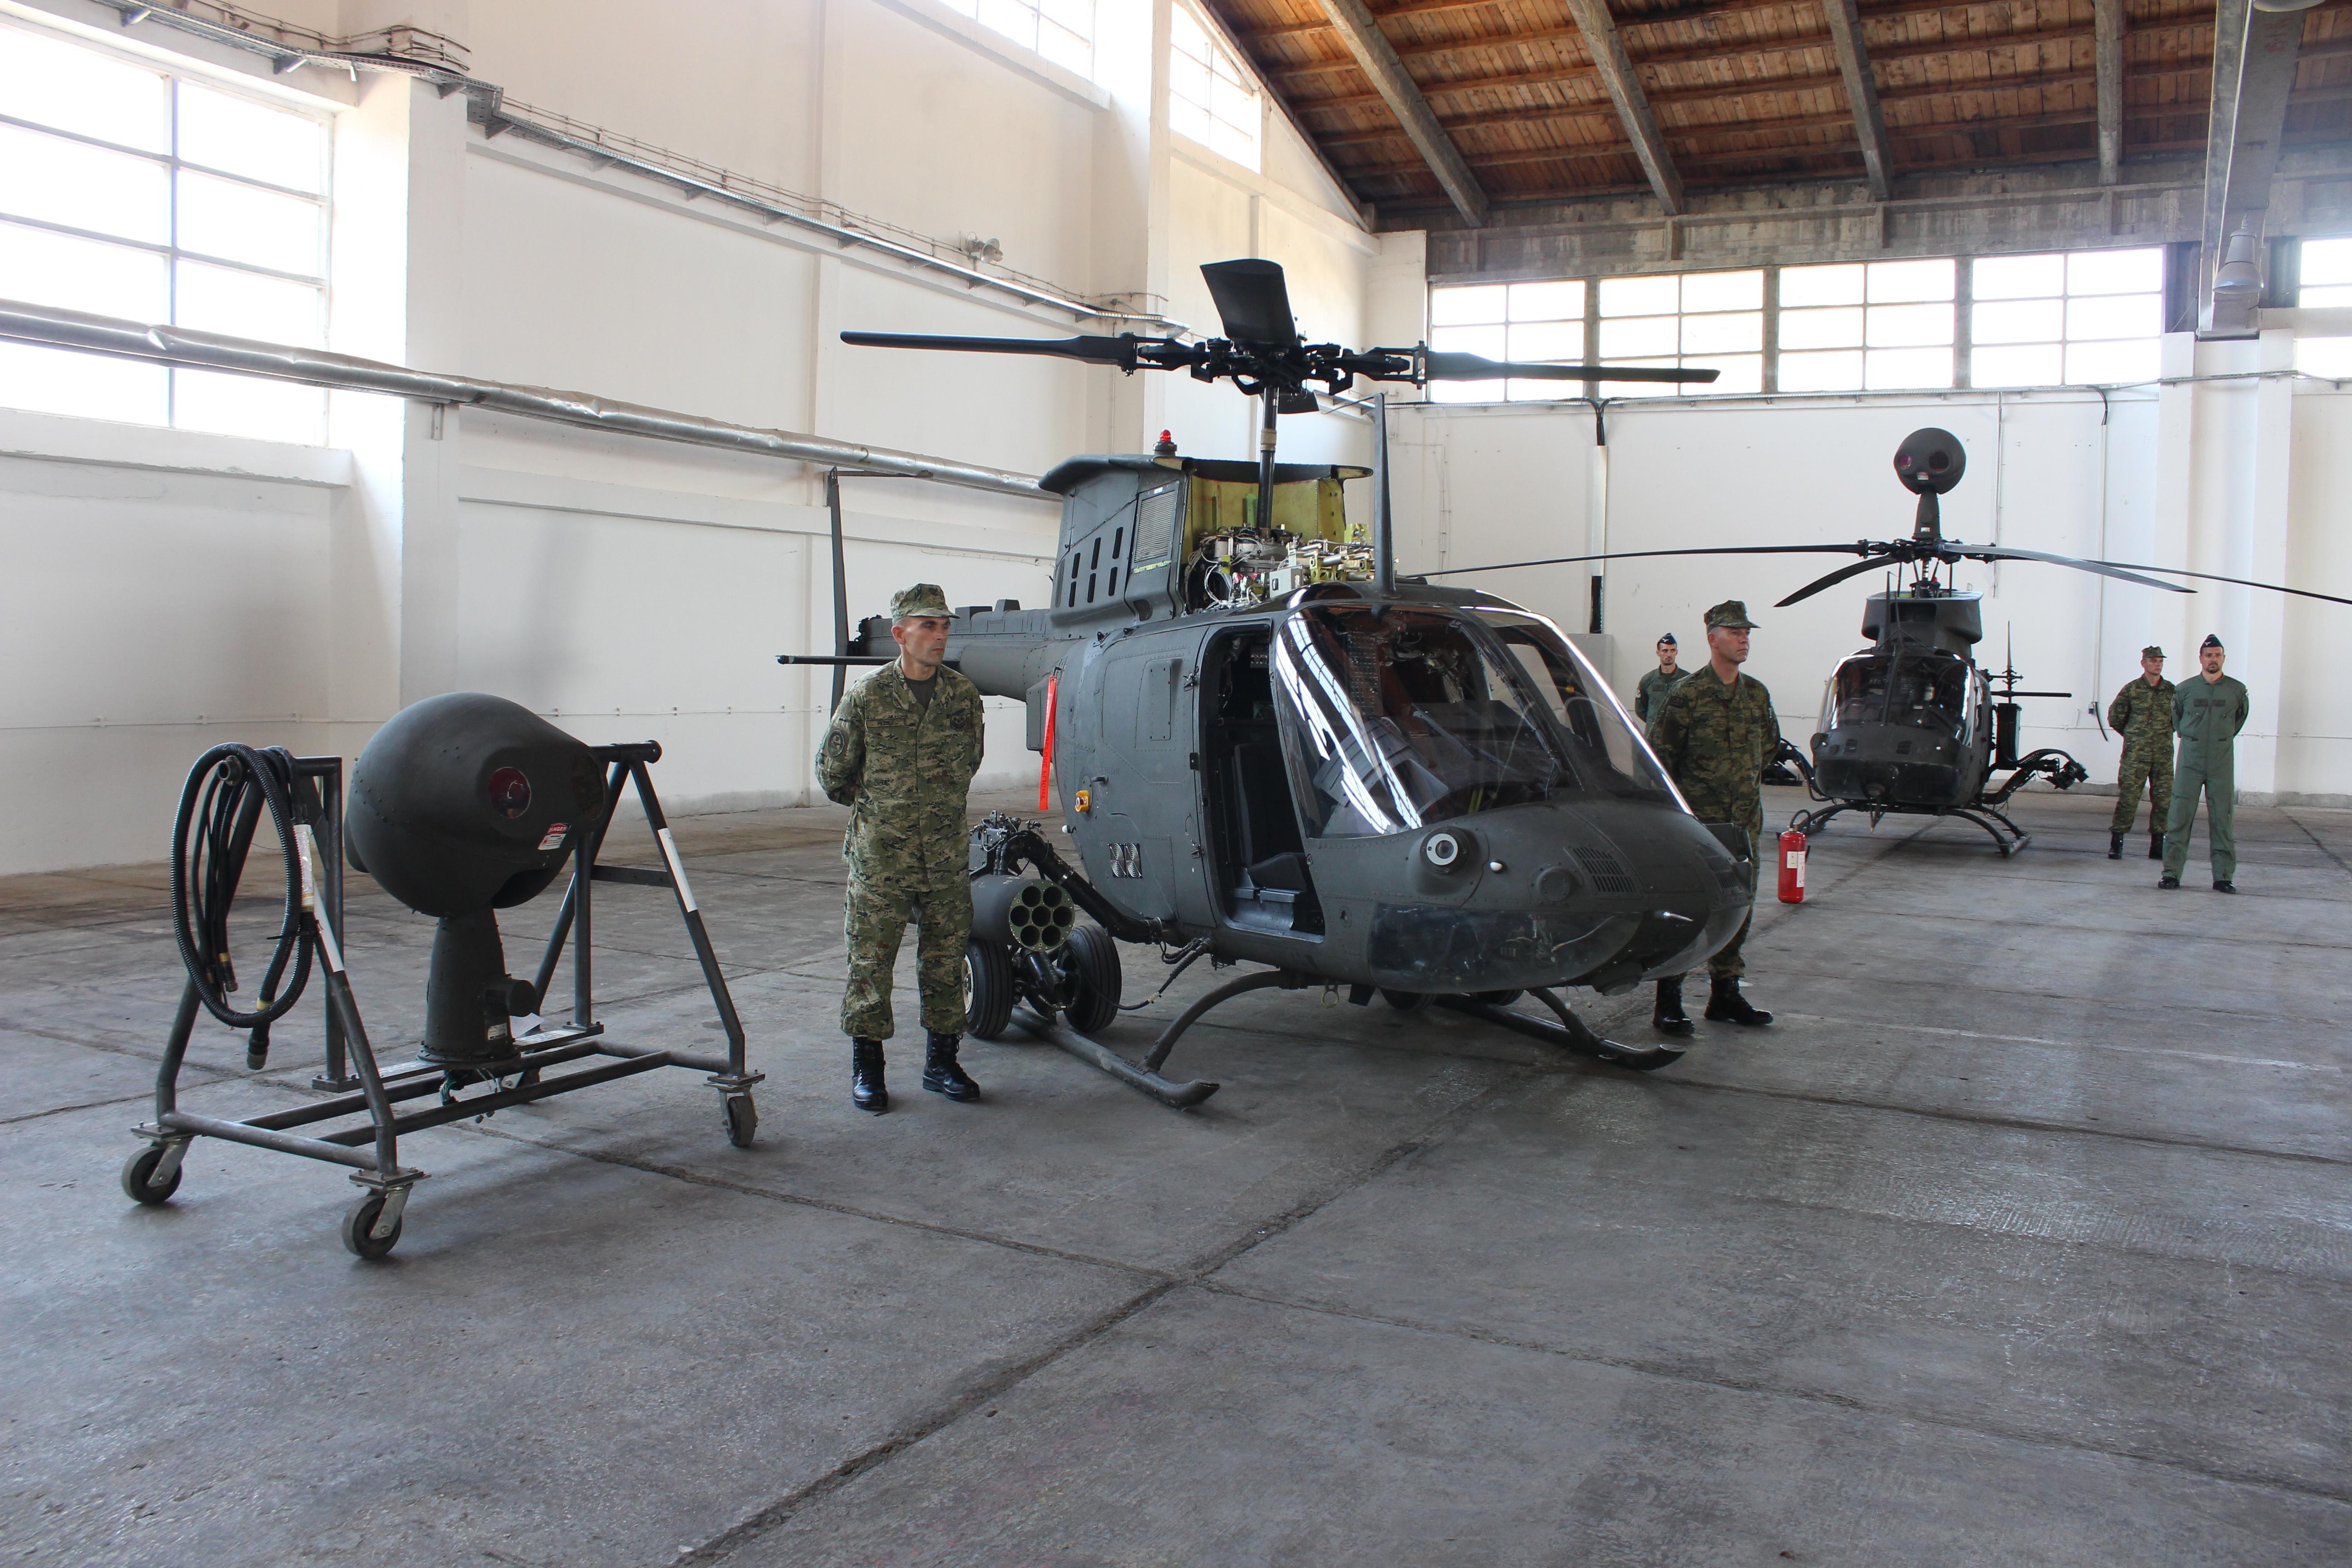 Cena po helikopteru je oko 13 miliona dolara / Foto: Goran Novačić